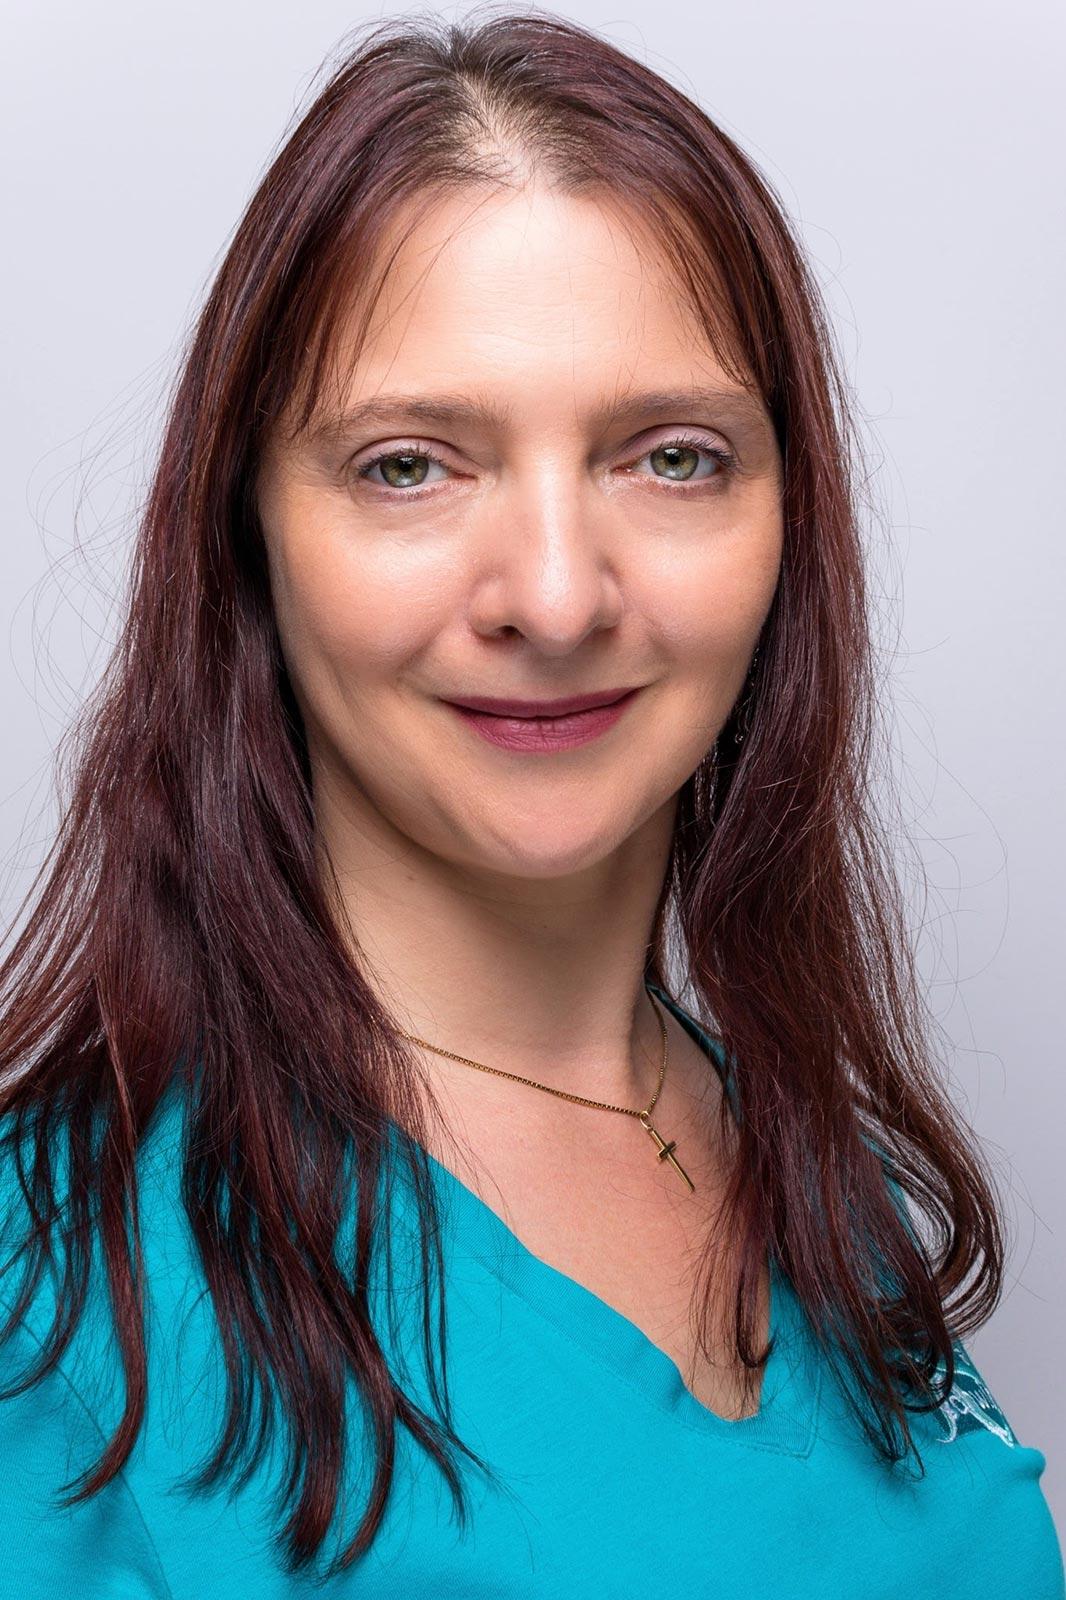 Portrait von Manuela Müller in türkis-farbenen Shirt